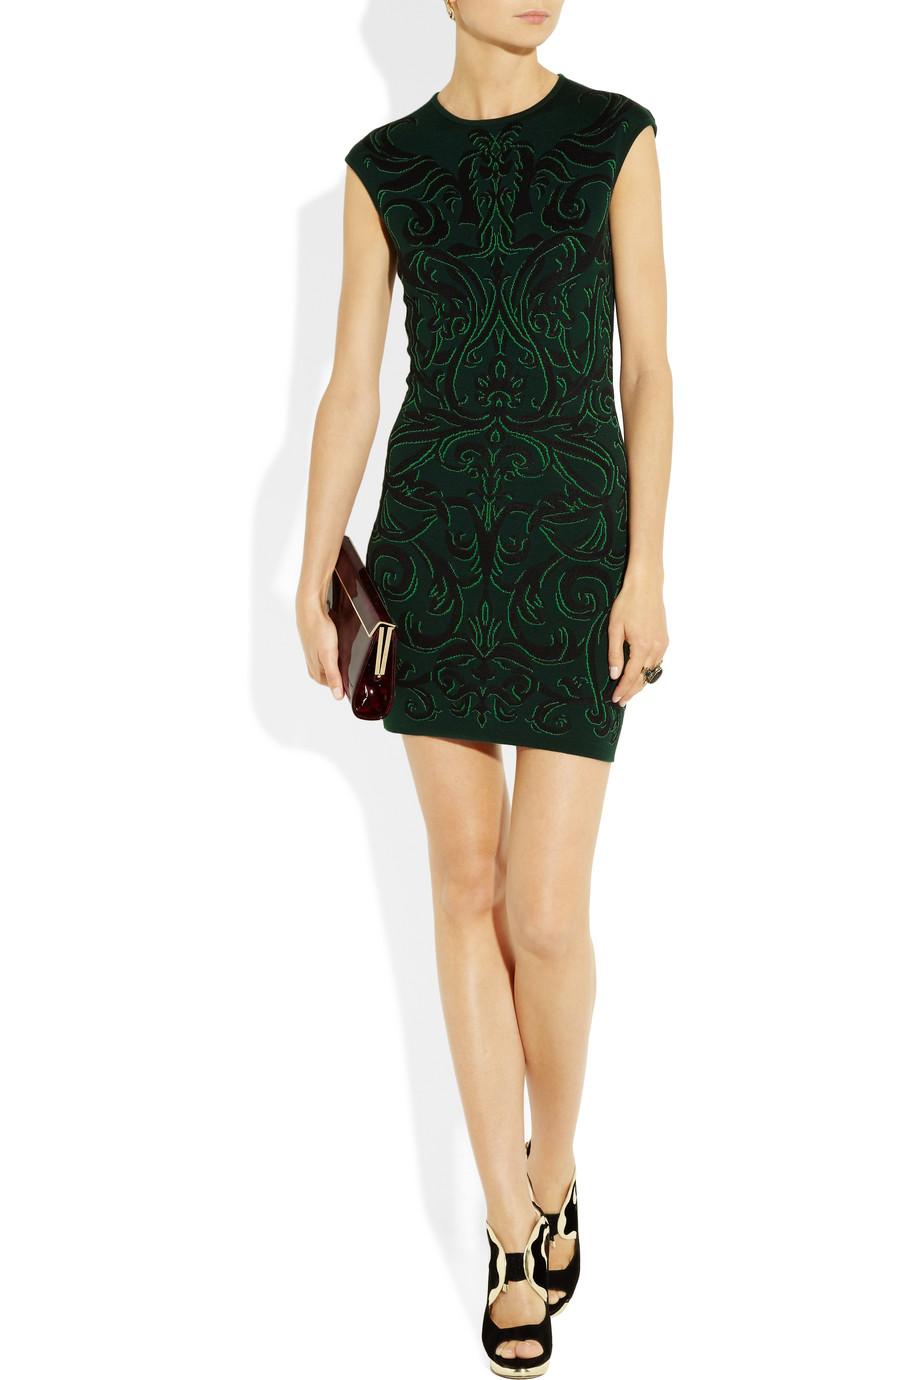 Стиль борокко - тренд моды 2012